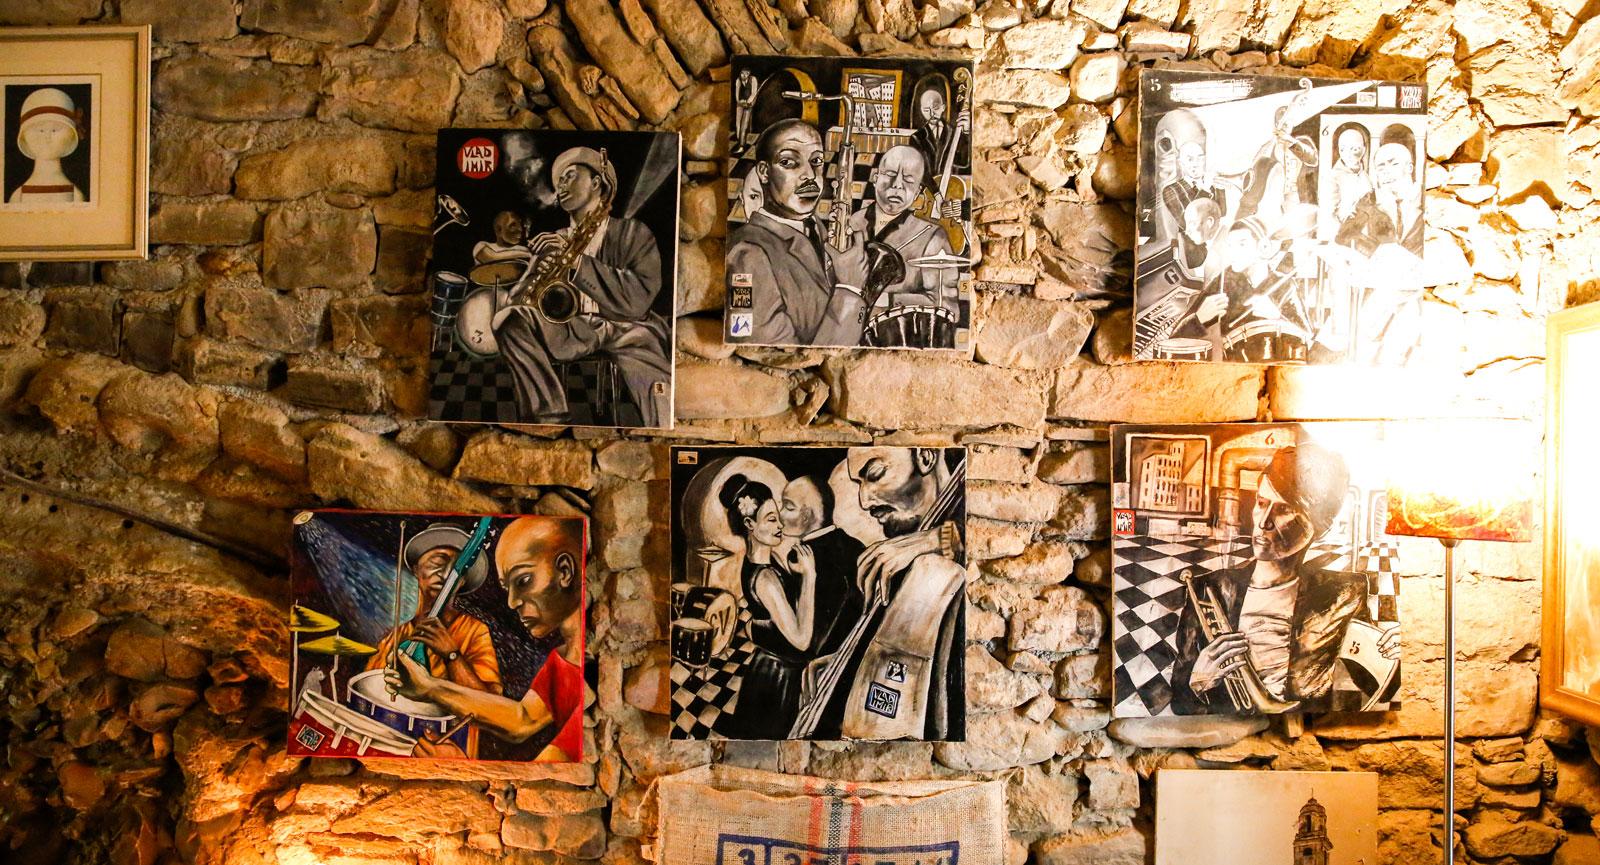 Härliga miljöer på jazzklubben Bussana Jazz Club.